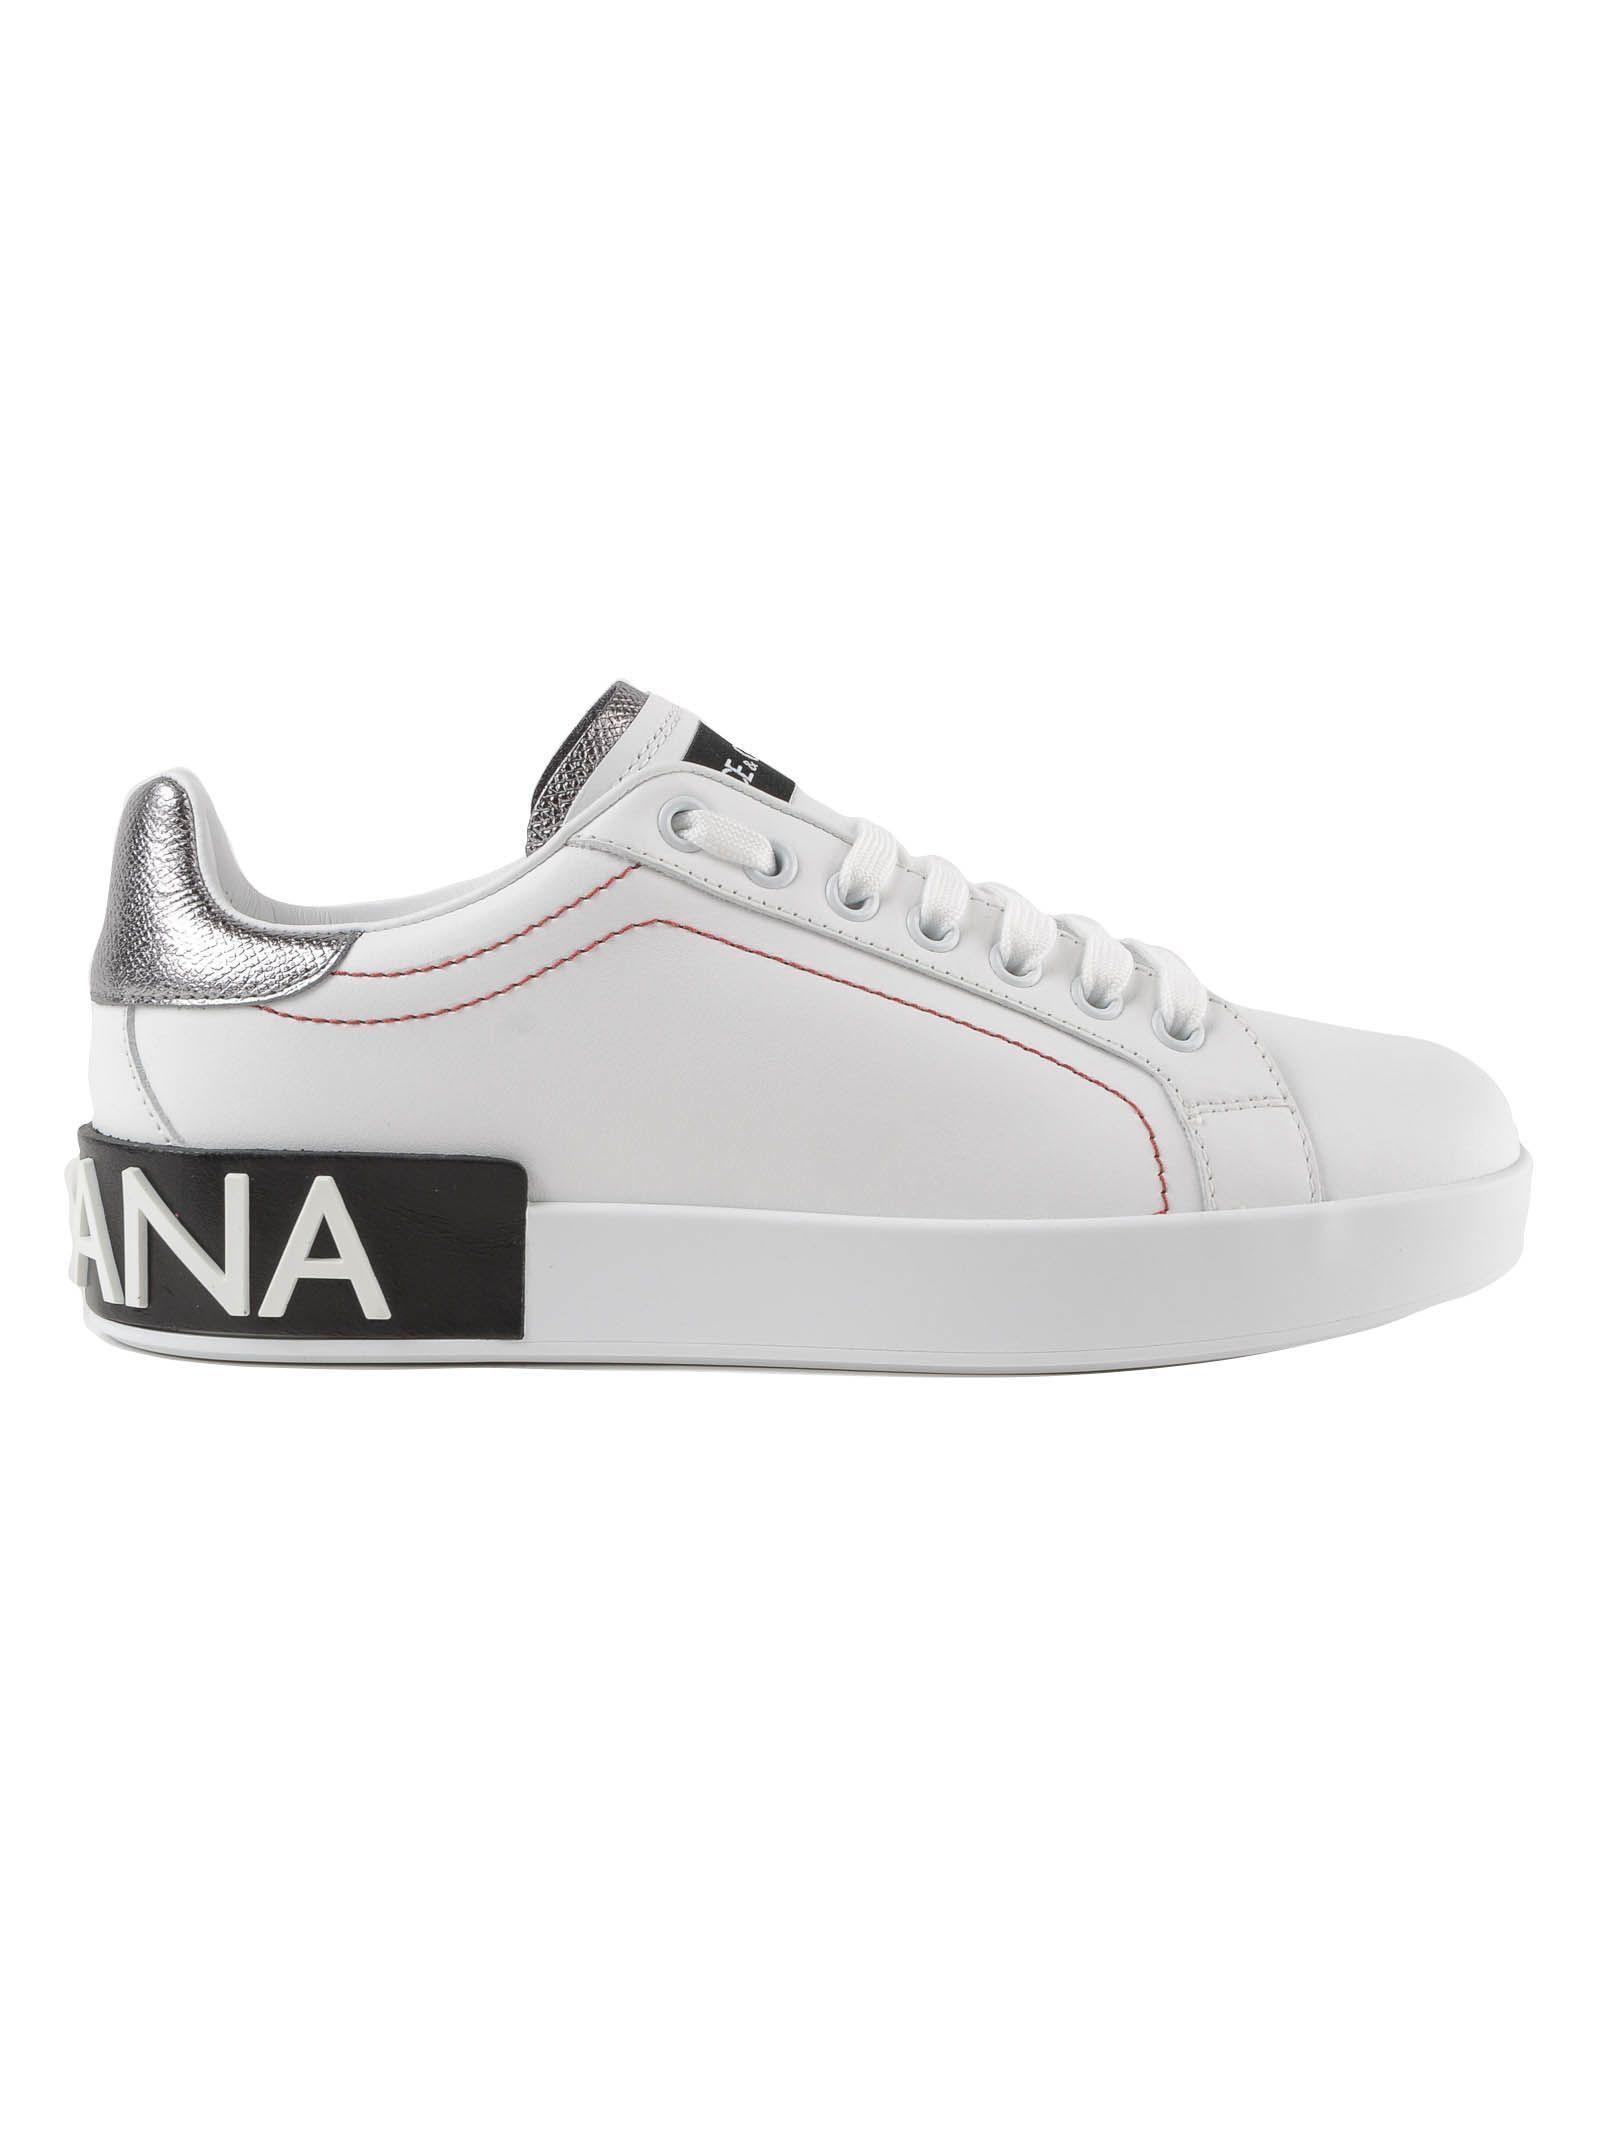 Dolce \u0026 Gabbana Sneaker | Dolce gabbana